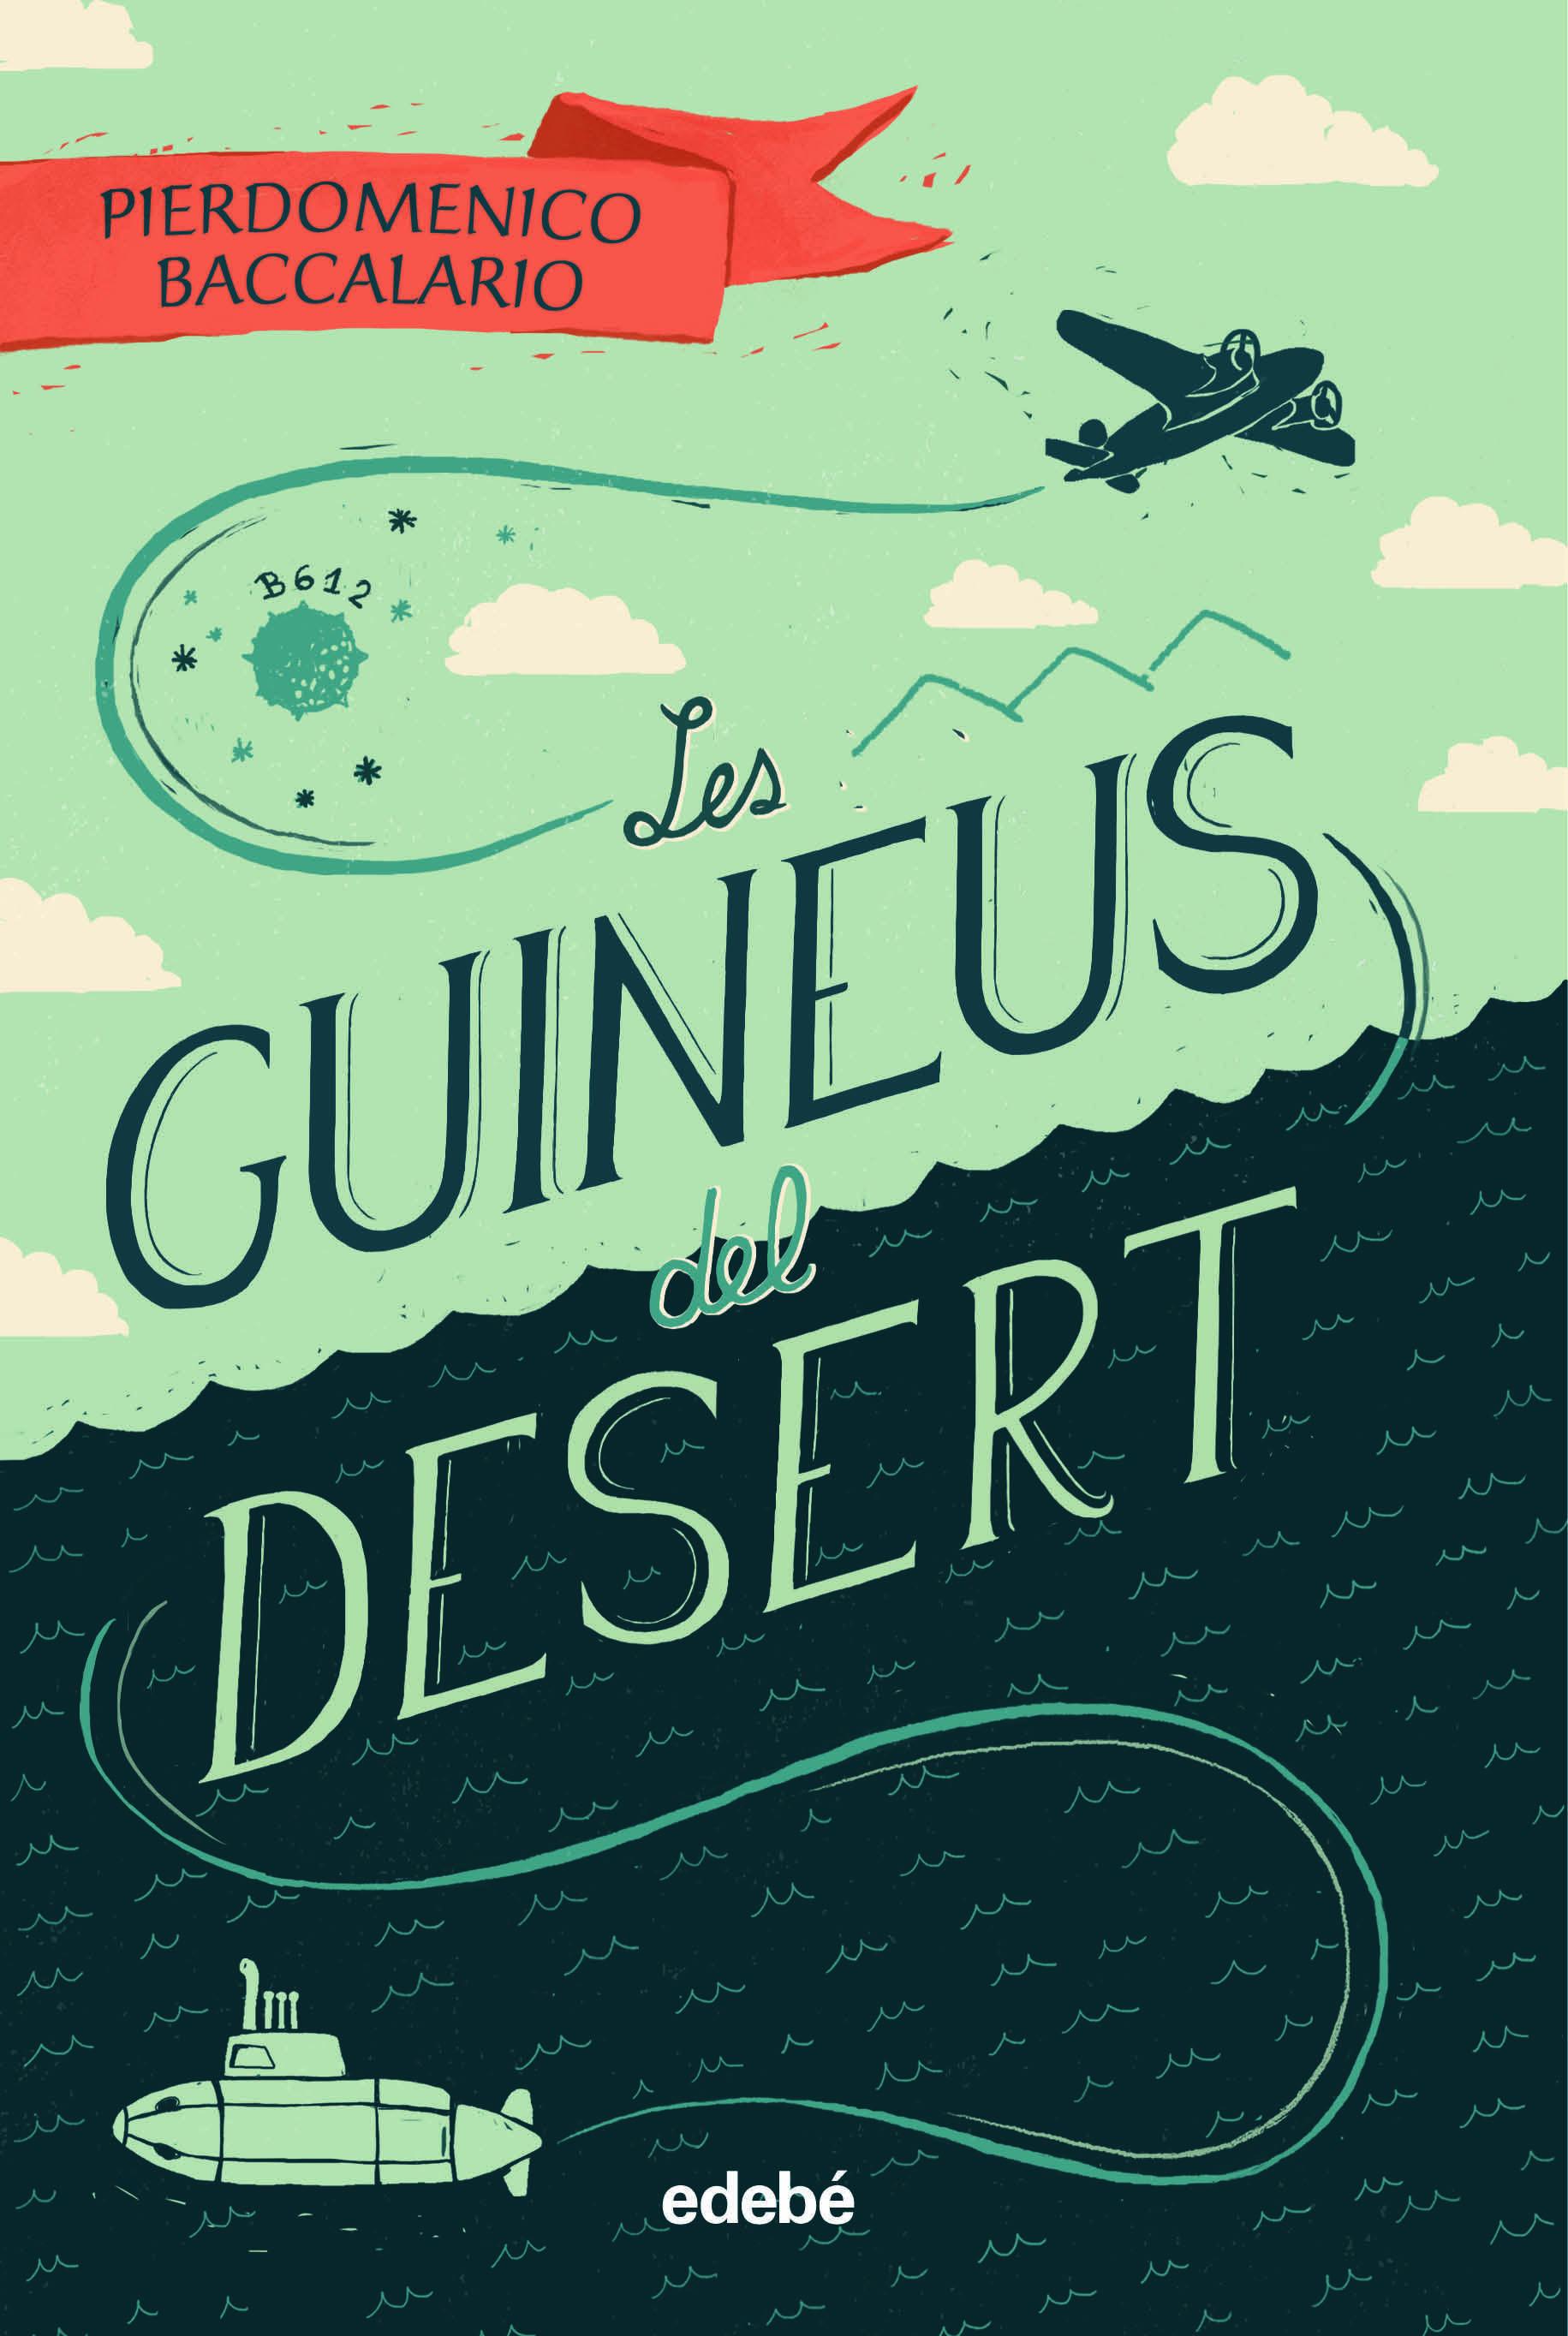 GUINEUS DEL DESERT